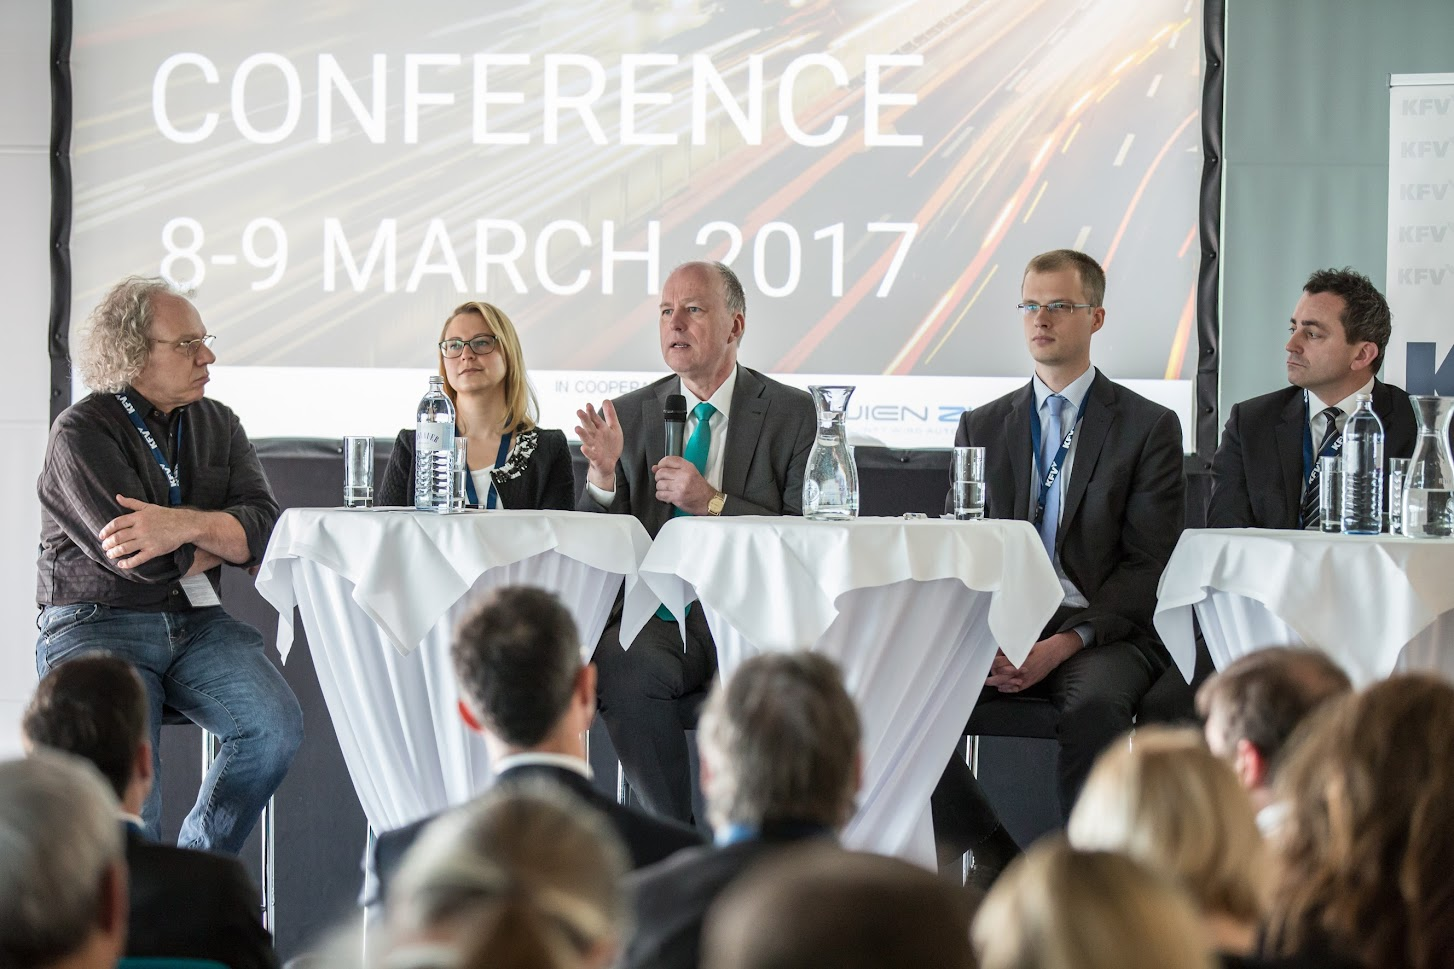 Paneldiskussion mit Alexander Mankowsky, Sabine Kühschelm, Dr. Othmar Thann, Gerhard Menzel, Martin Russ © KFV/APA